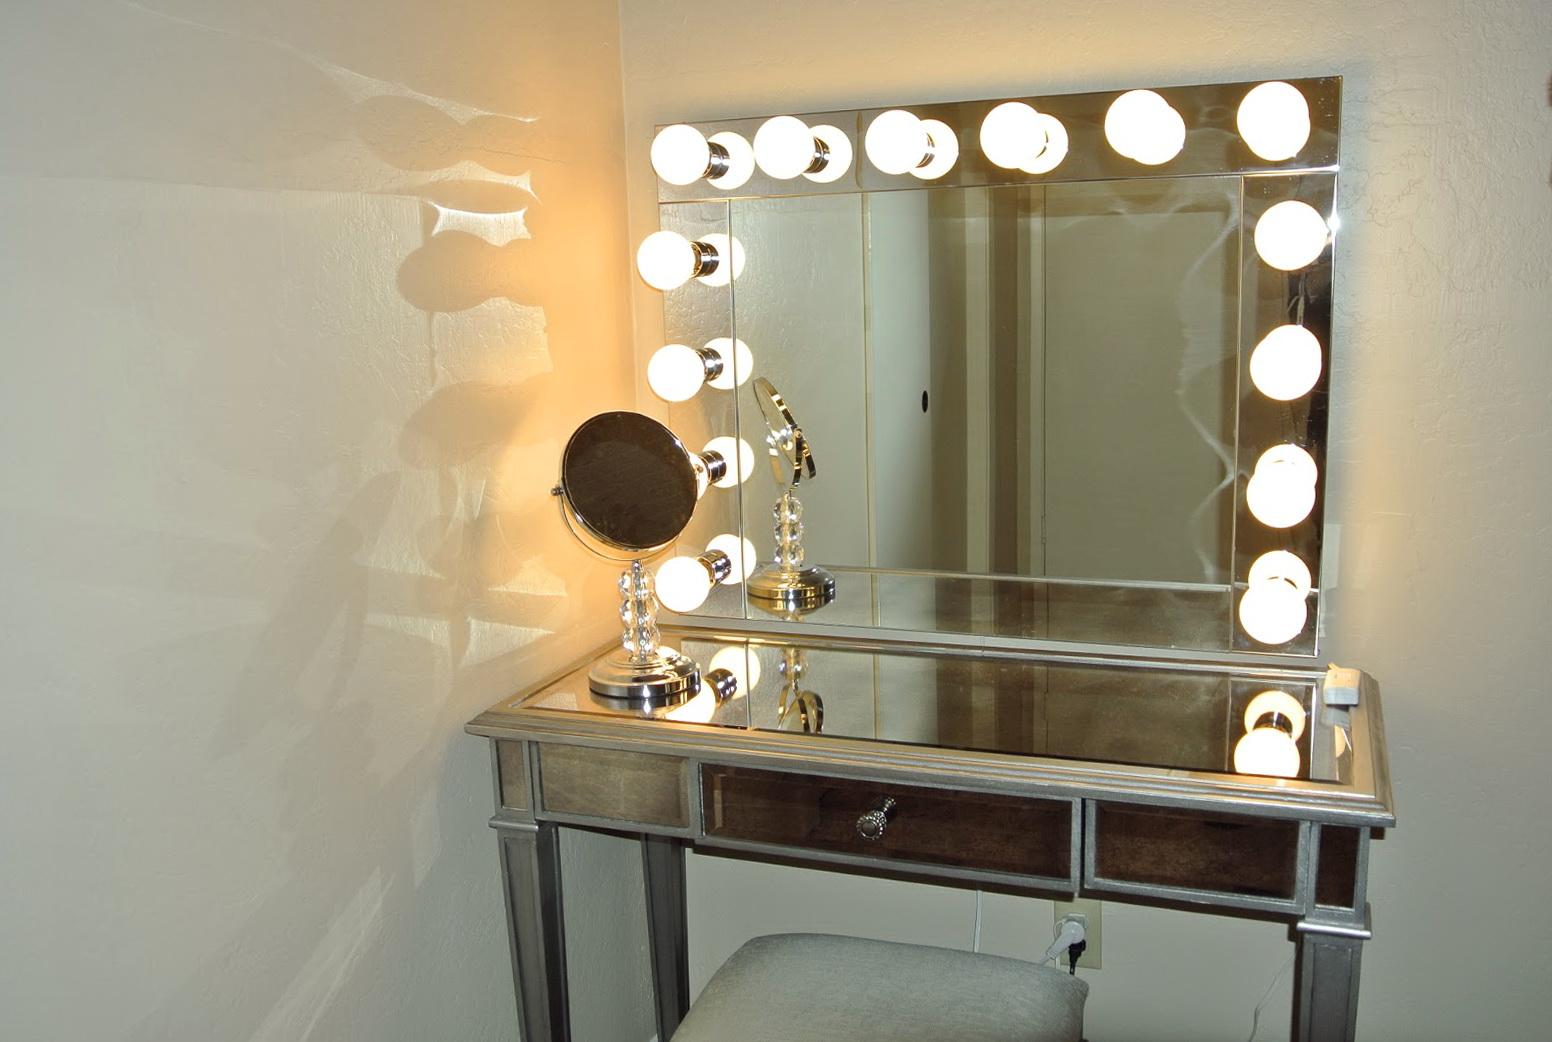 Broadway Lighted Tabletop Vanity Mirror